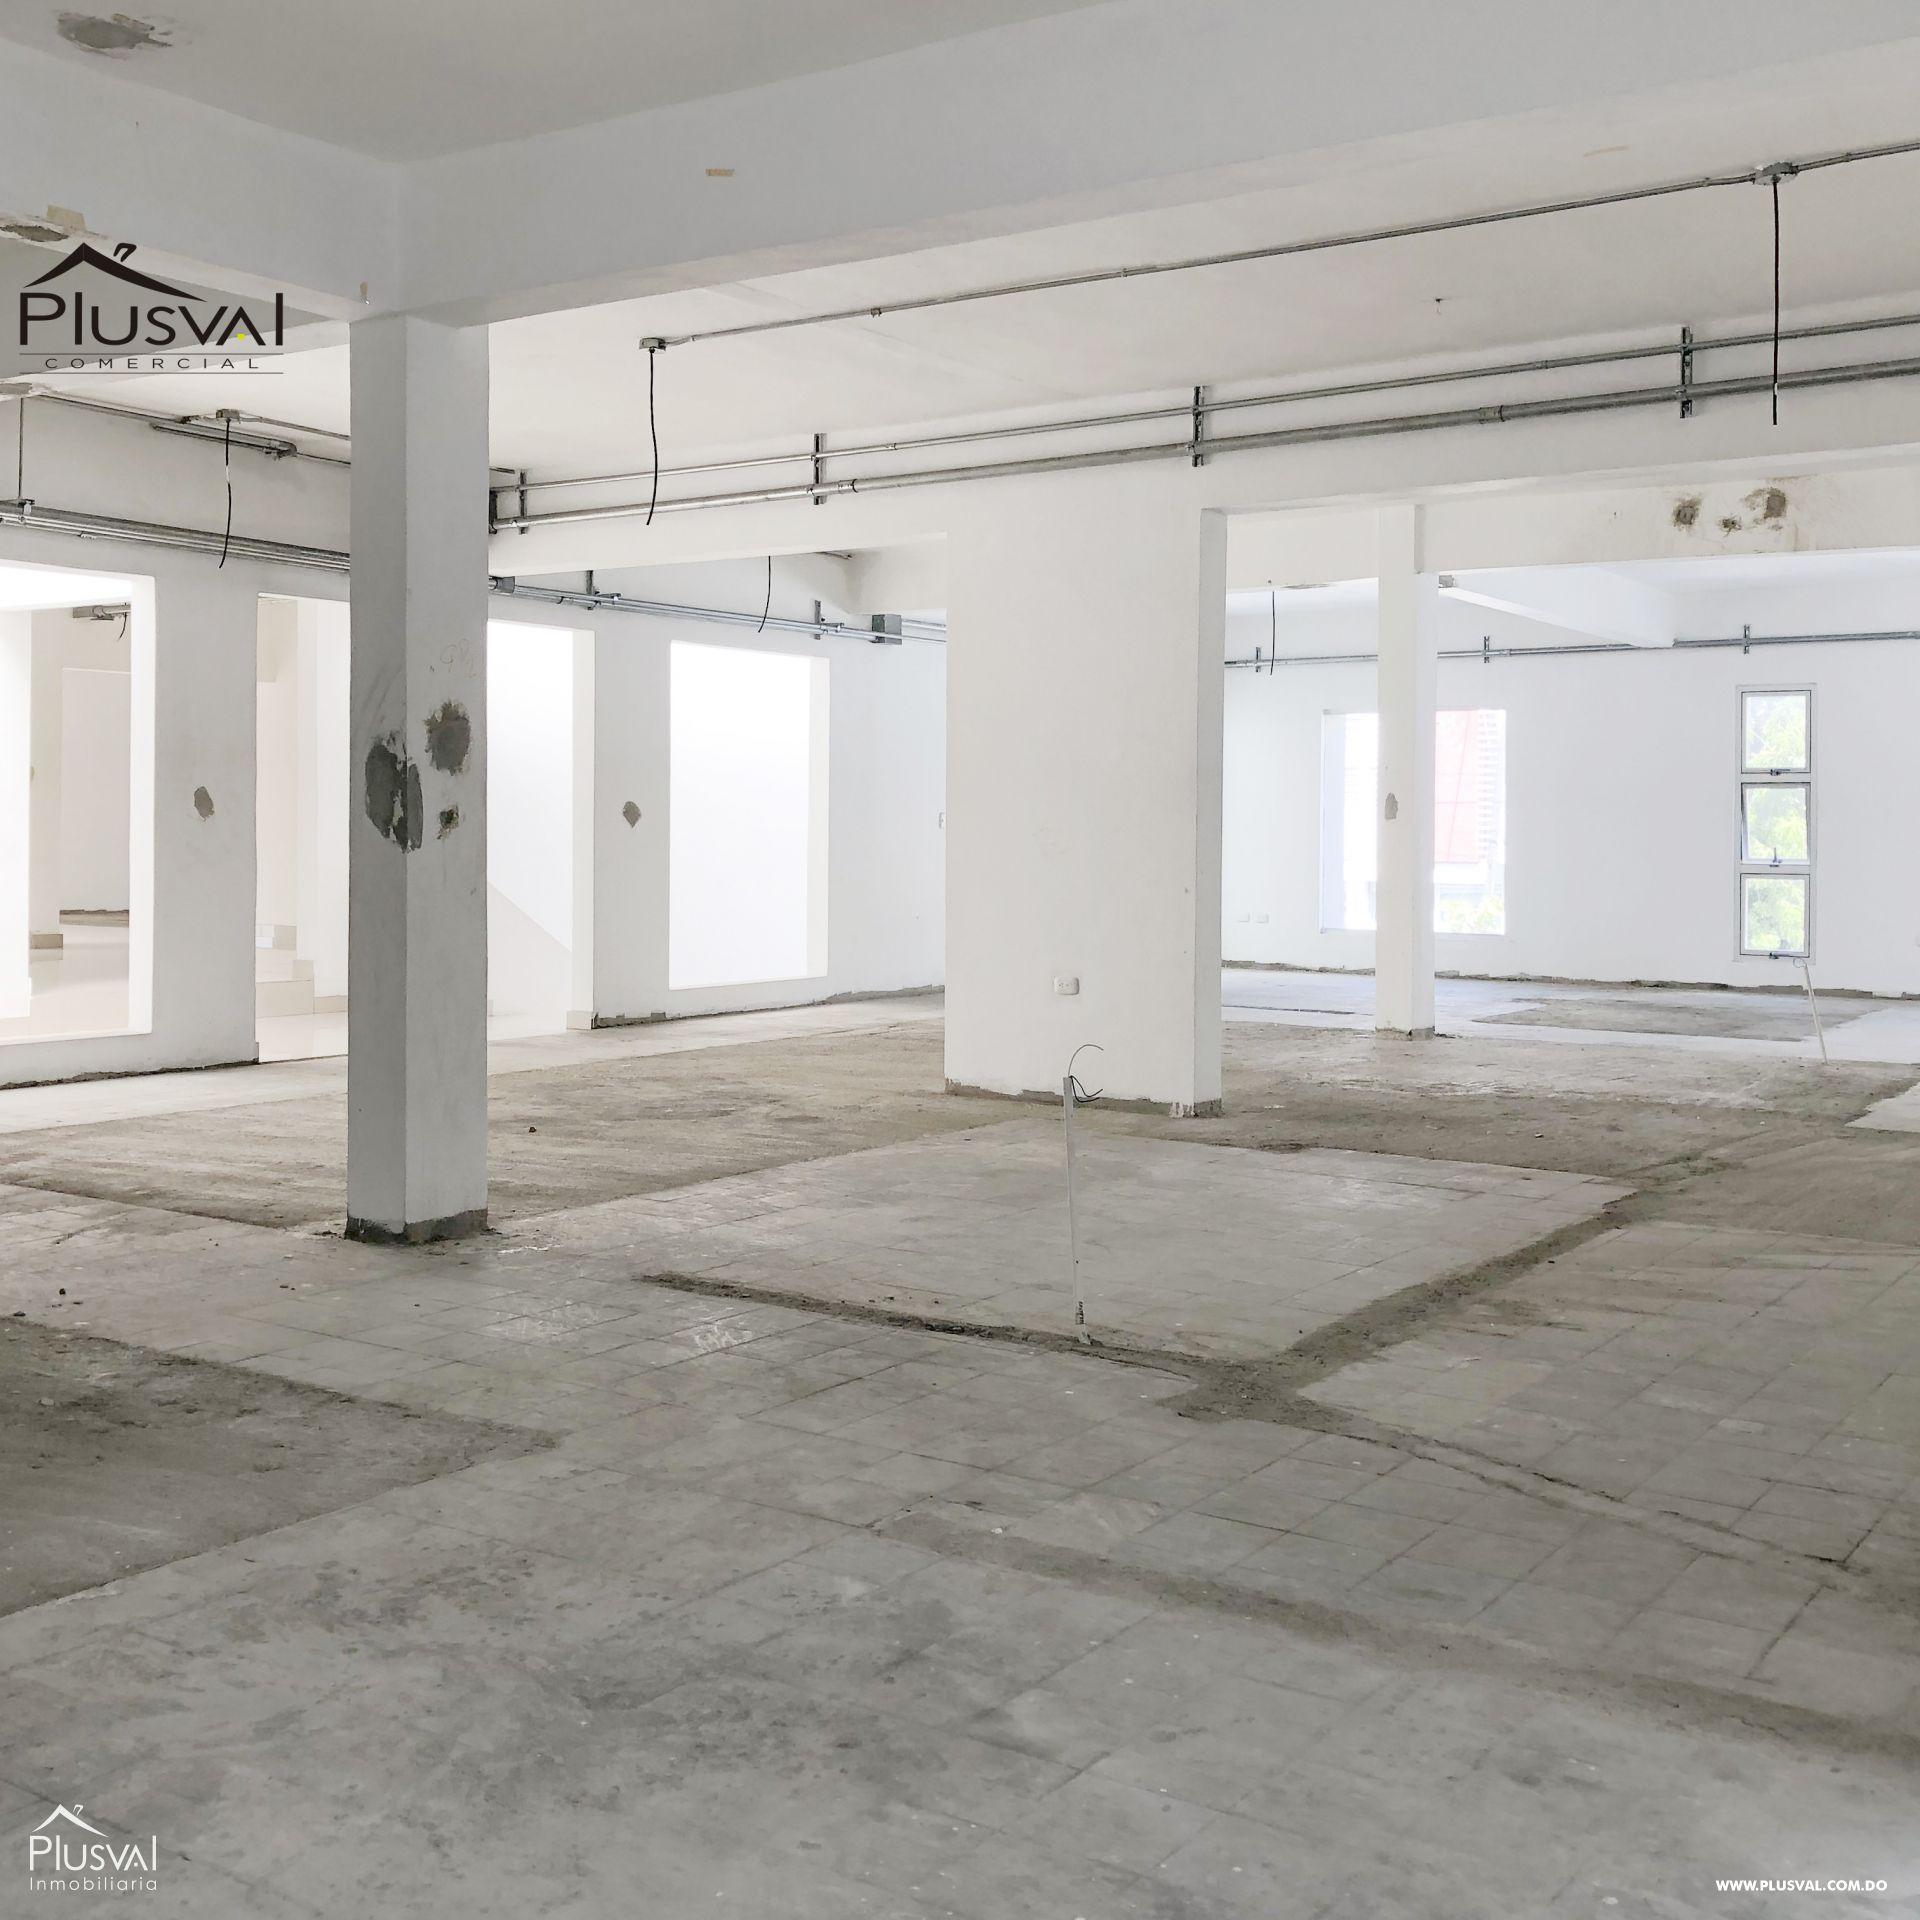 Edificio oficinas en alquiler en via principal